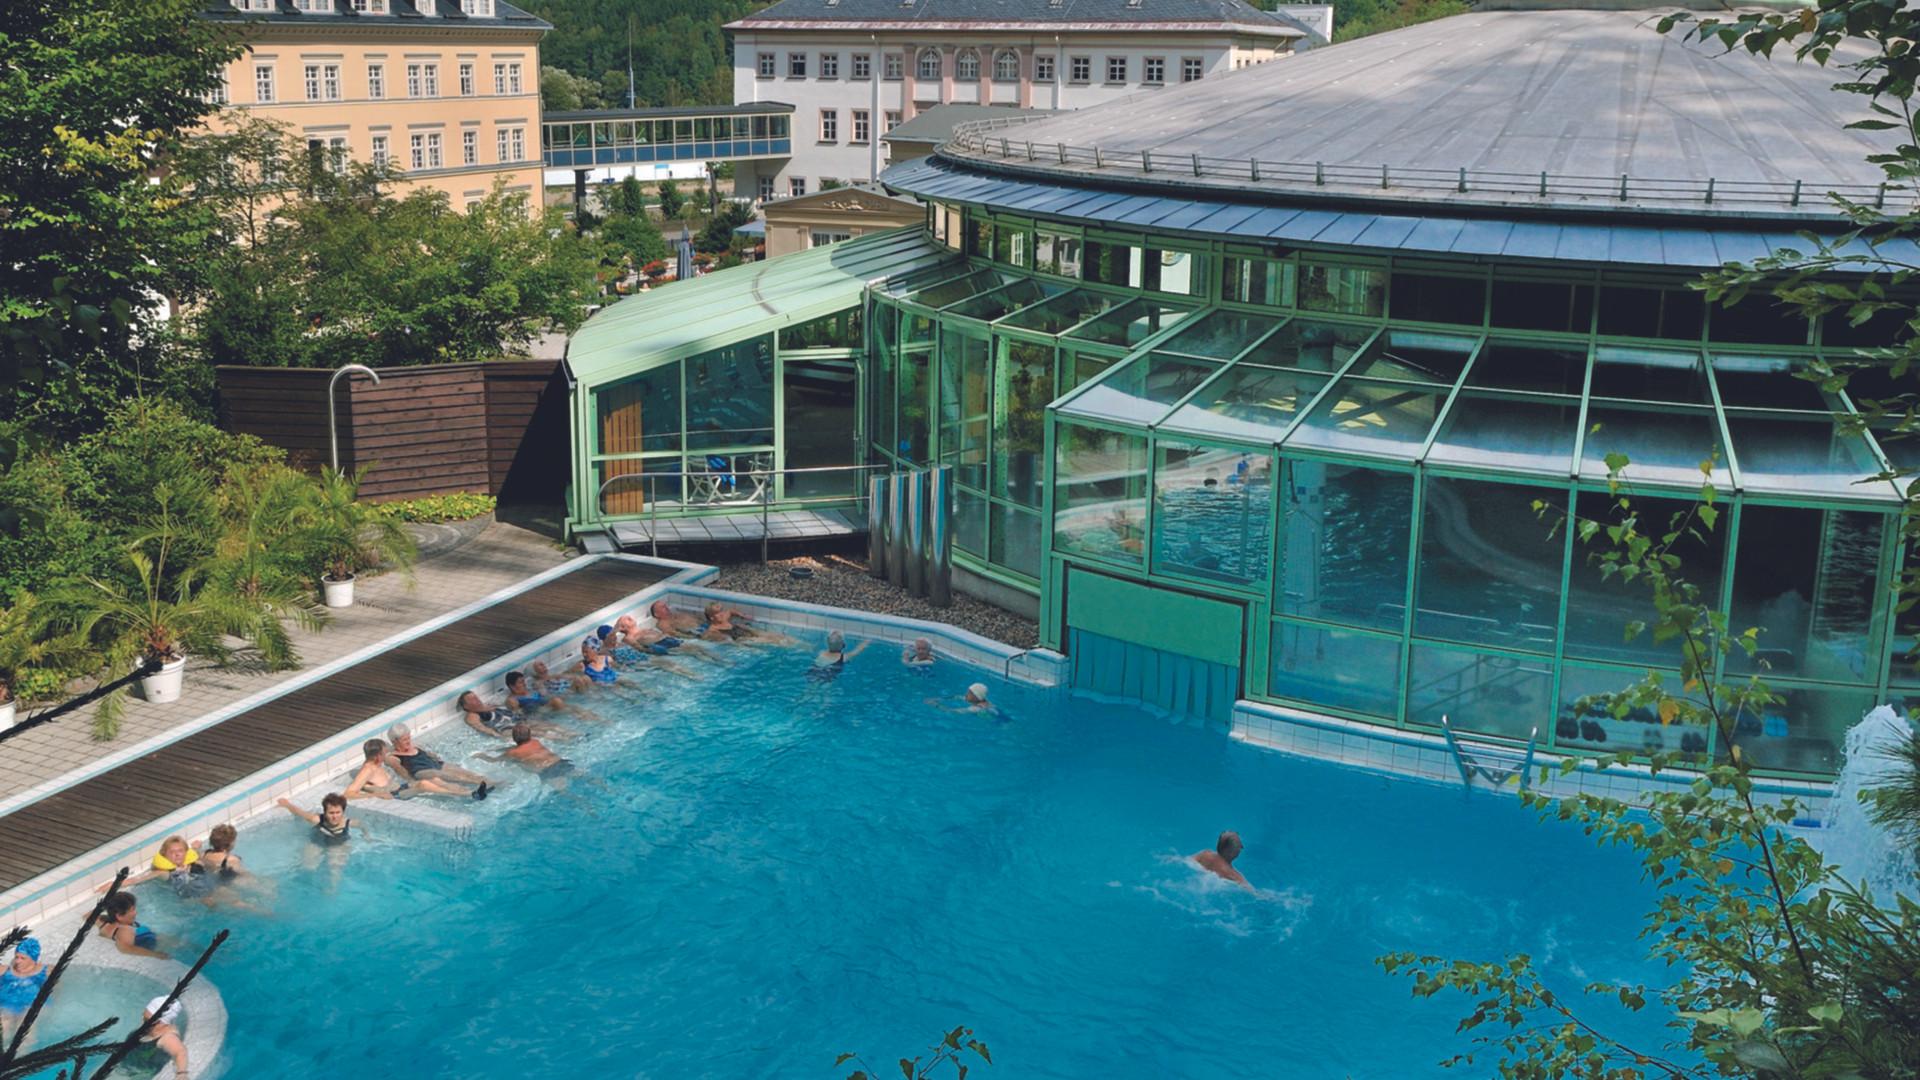 Thermalbad Außenbecken Landhausblick kle